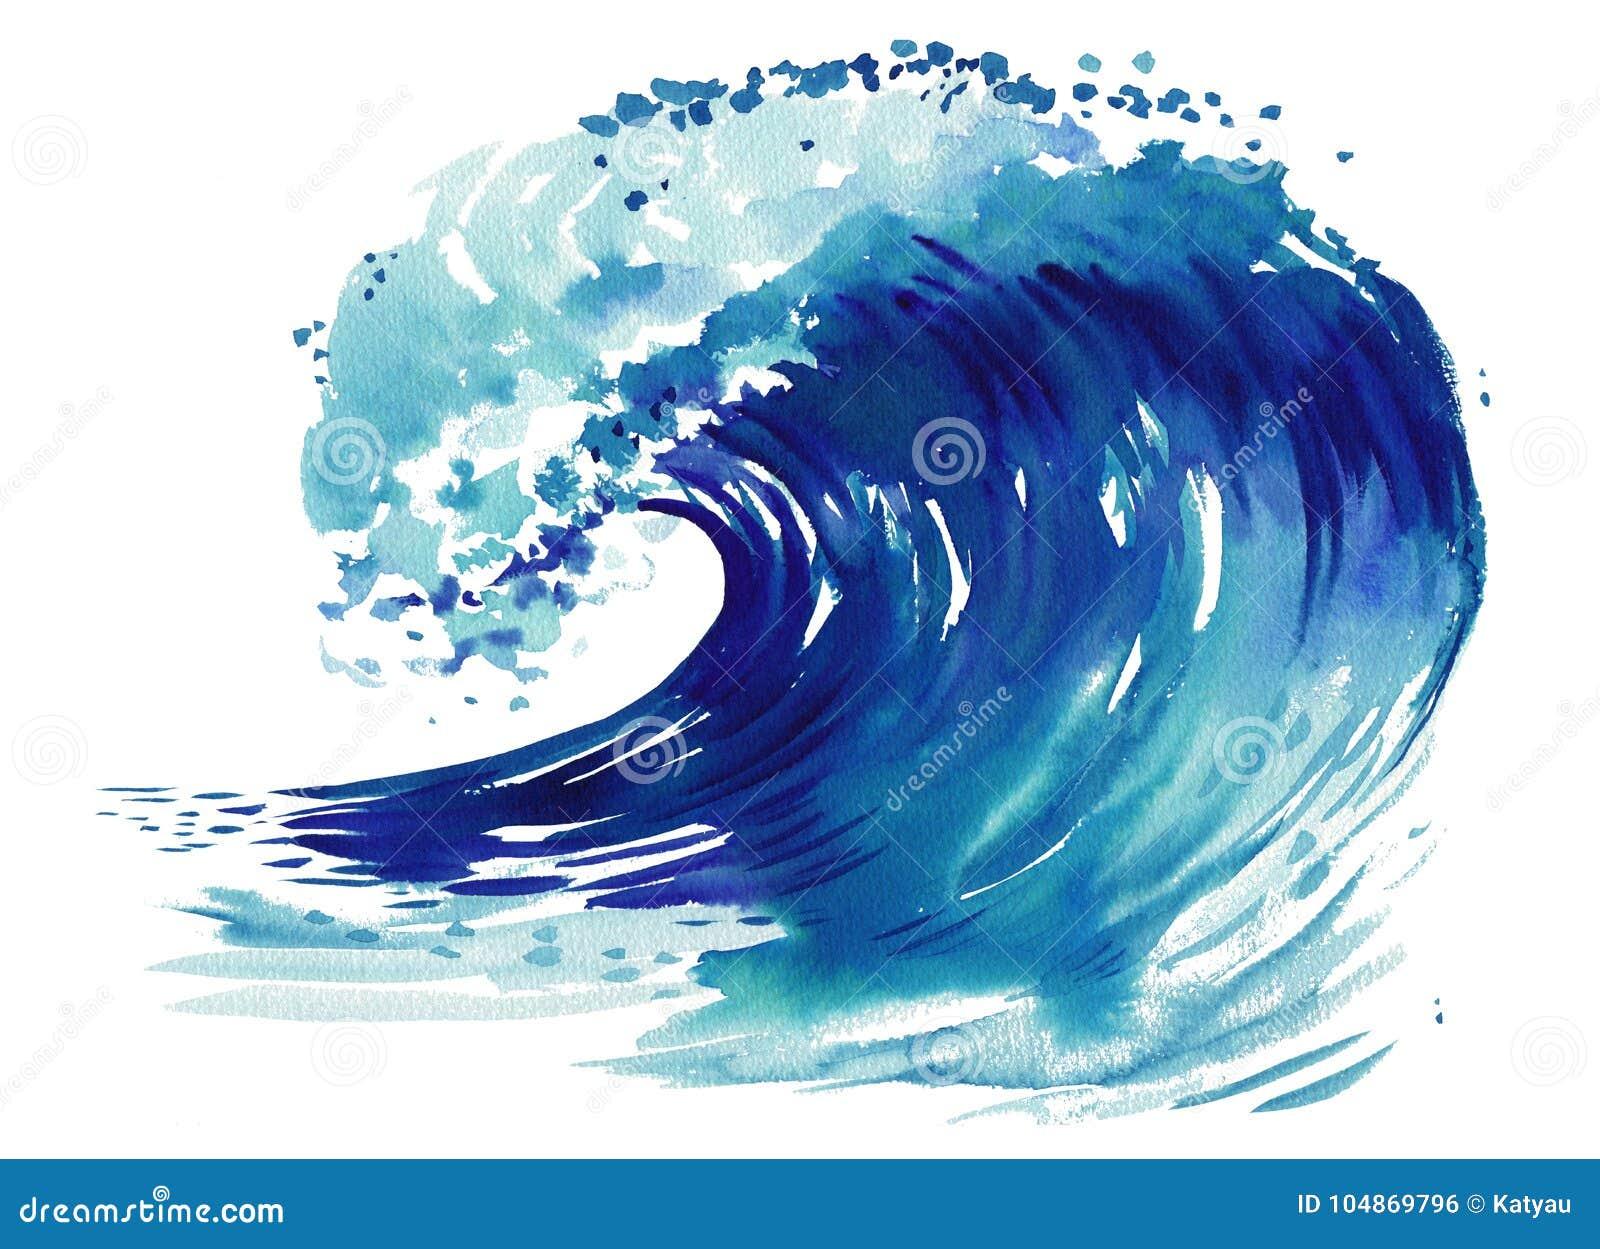 Onda del mare Illustrazione disegnata a mano dell acquerello astratto, isolata su fondo bianco